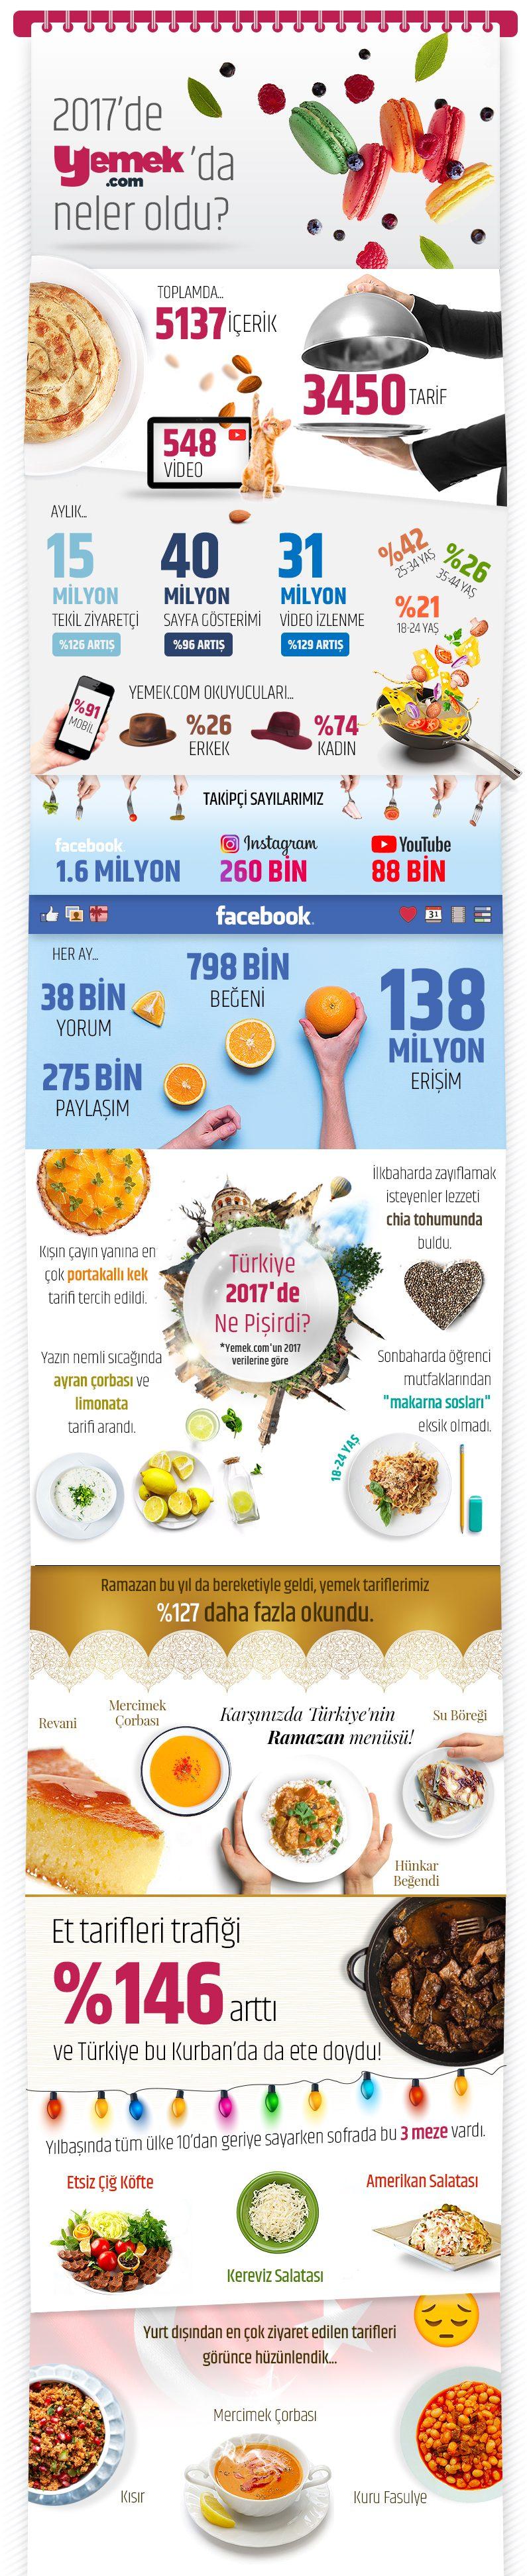 1515061481_Yemekcom_infografik_SON2_04012018